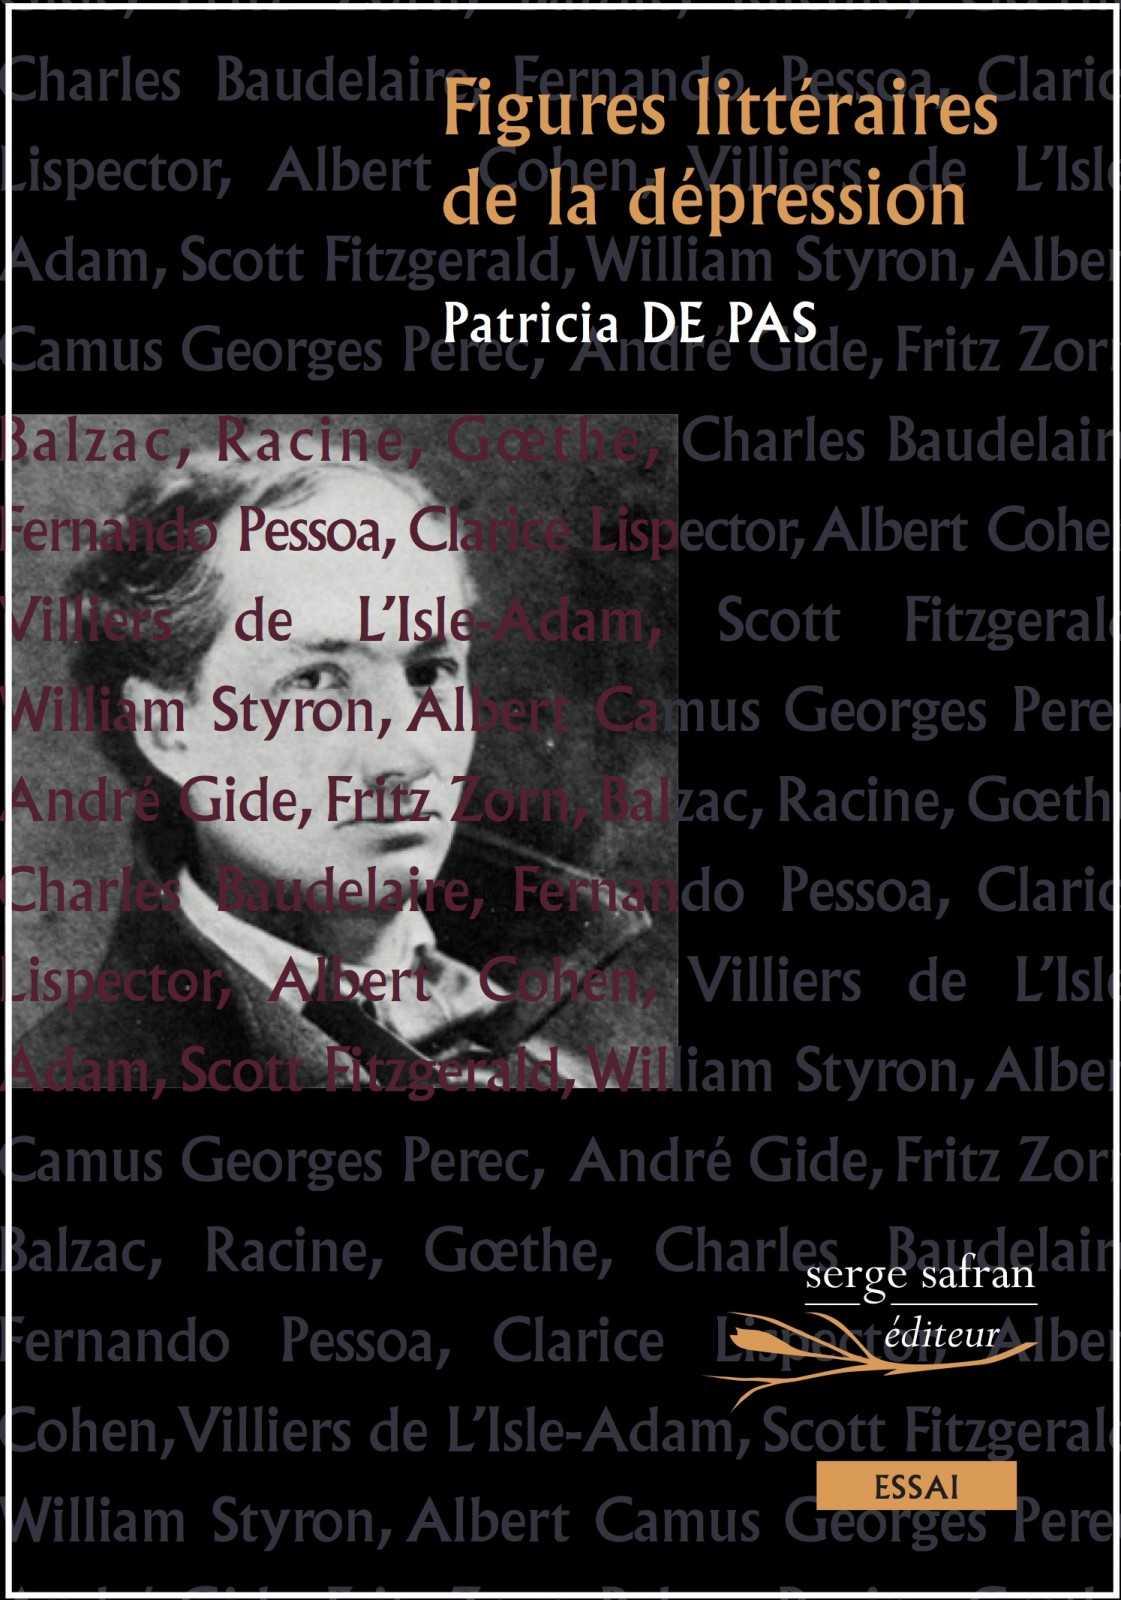 P. De Pas, Figures littéraires de la dépression